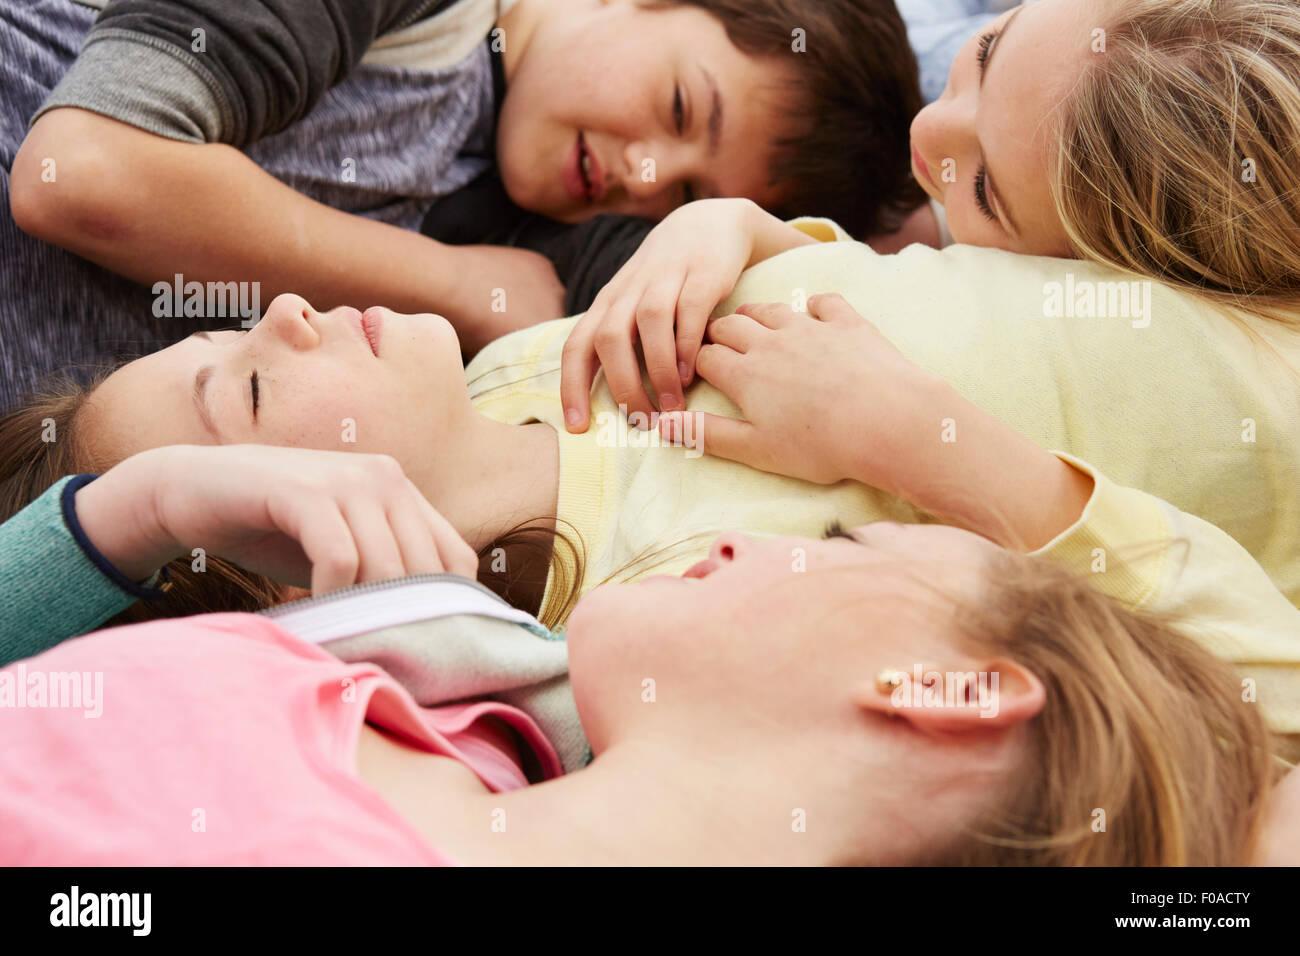 Fünf jungen und Mädchen liegend mit Augen geschlossen Stockbild